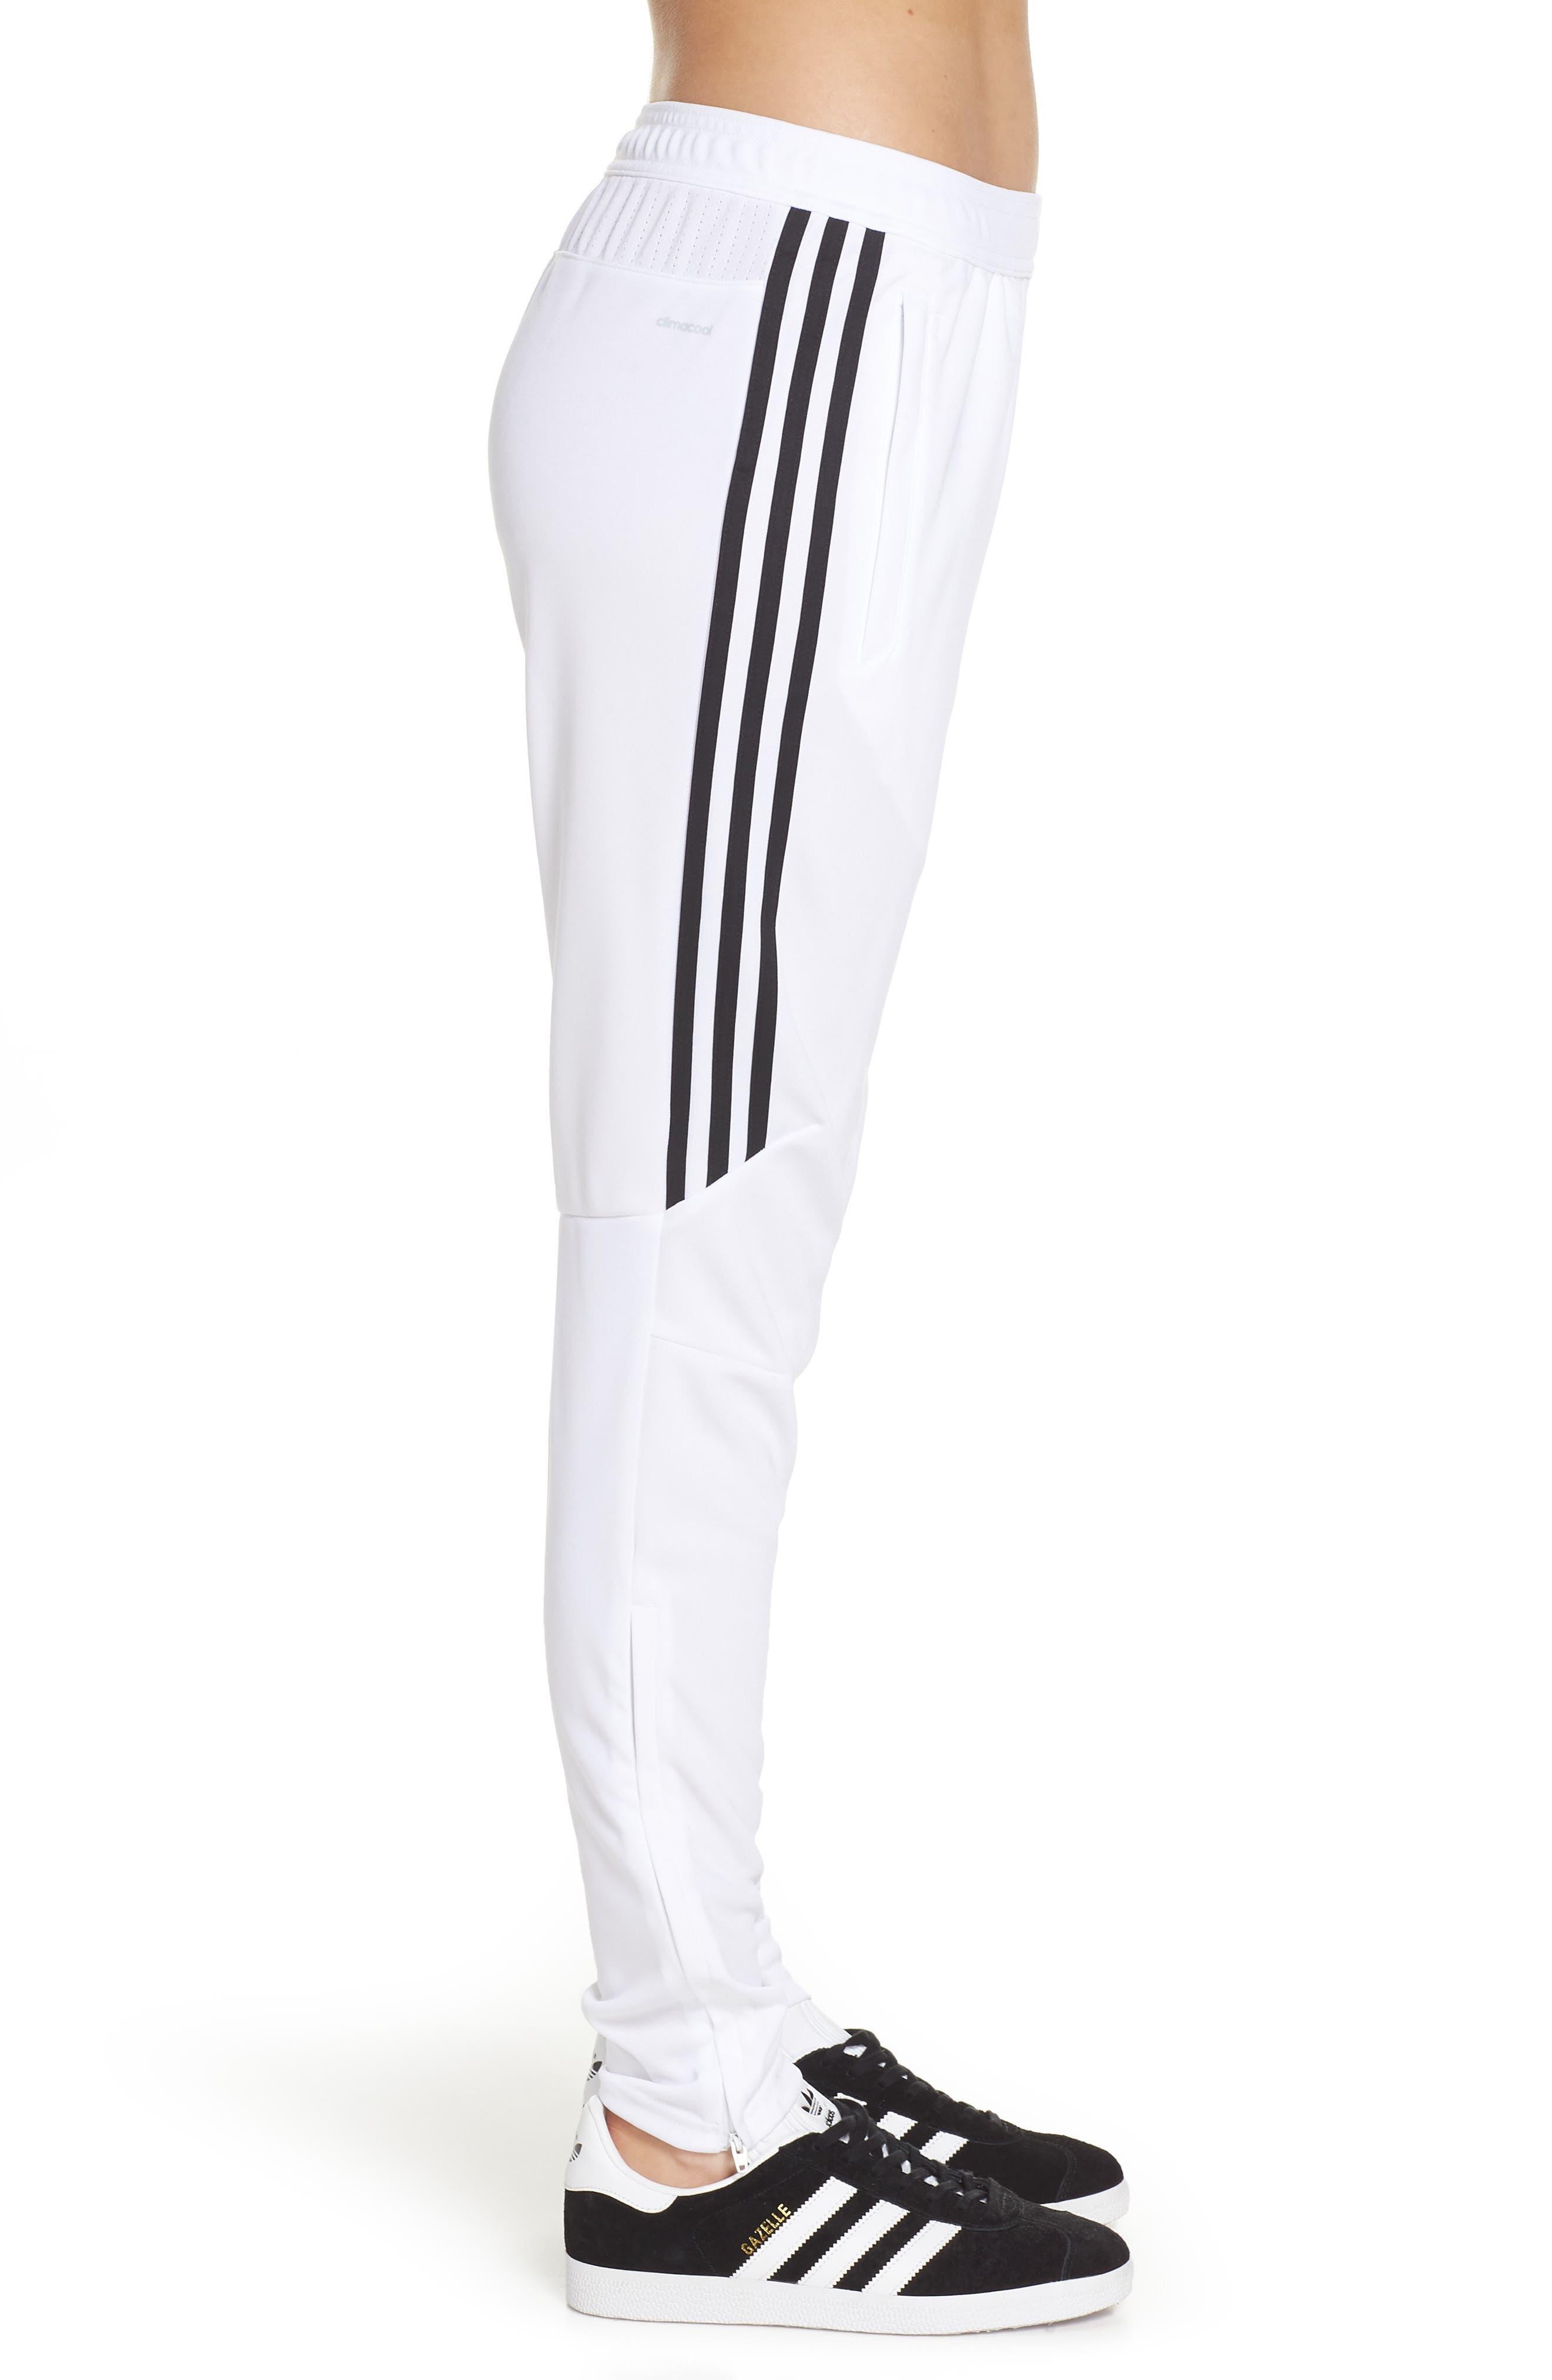 Tiro 17 Training Pants,                             Alternate thumbnail 3, color,                             WHITE/ BLACK